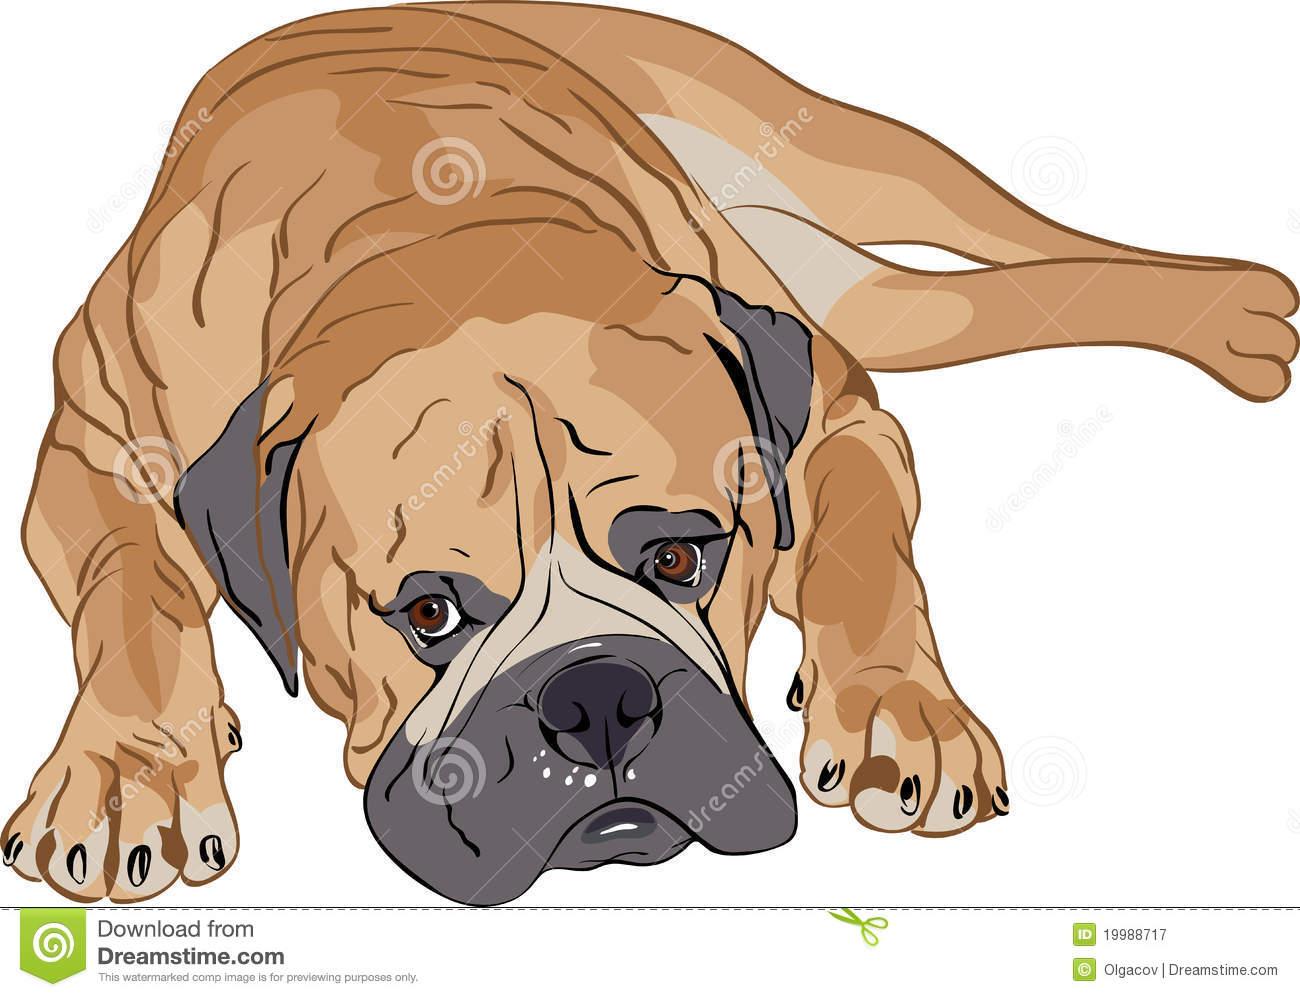 Bullmastiff clipart #14, Download drawings